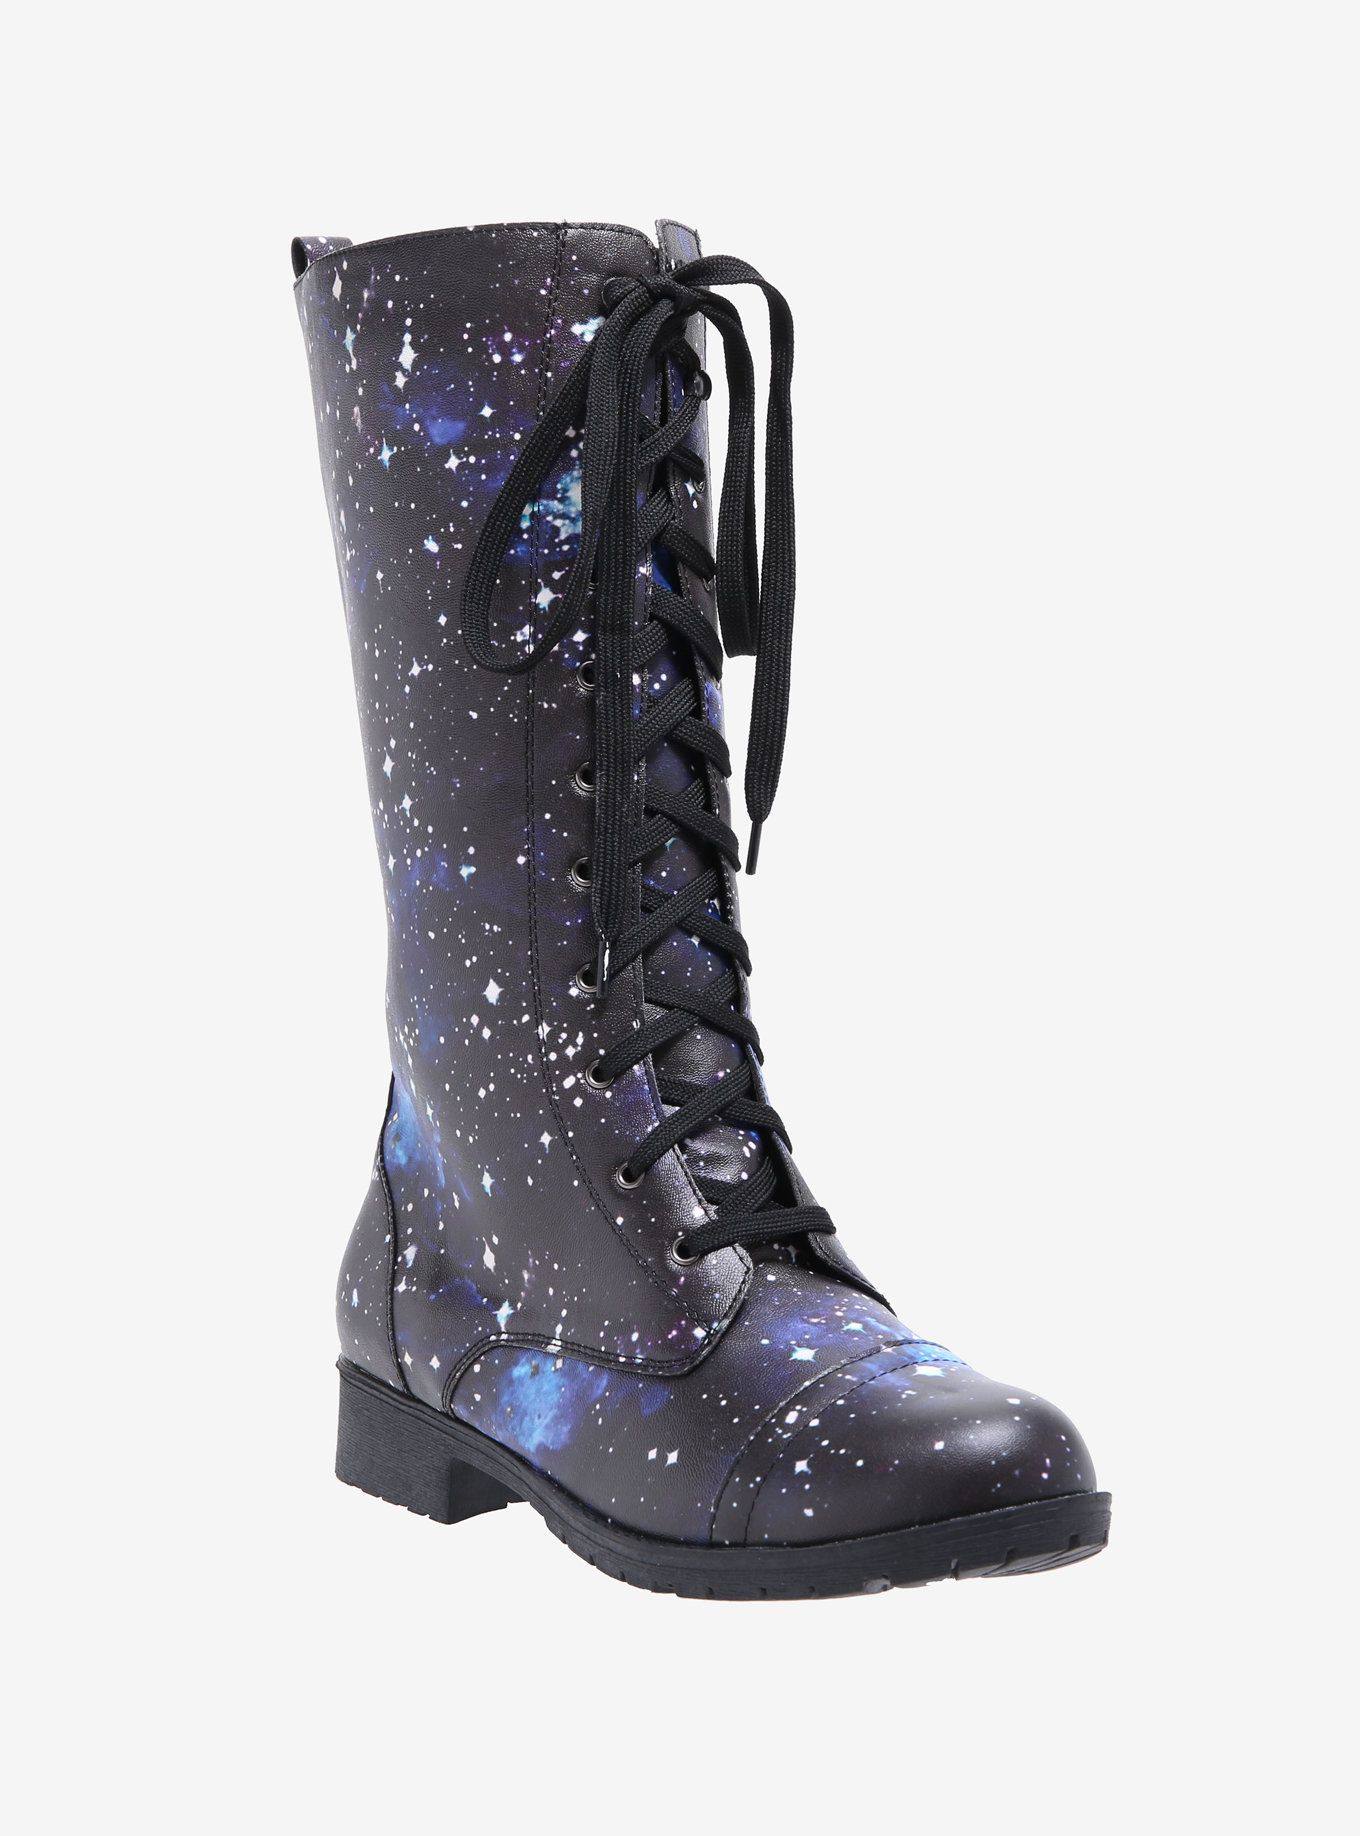 Galaxy Tall Combat Boots   Tall combat